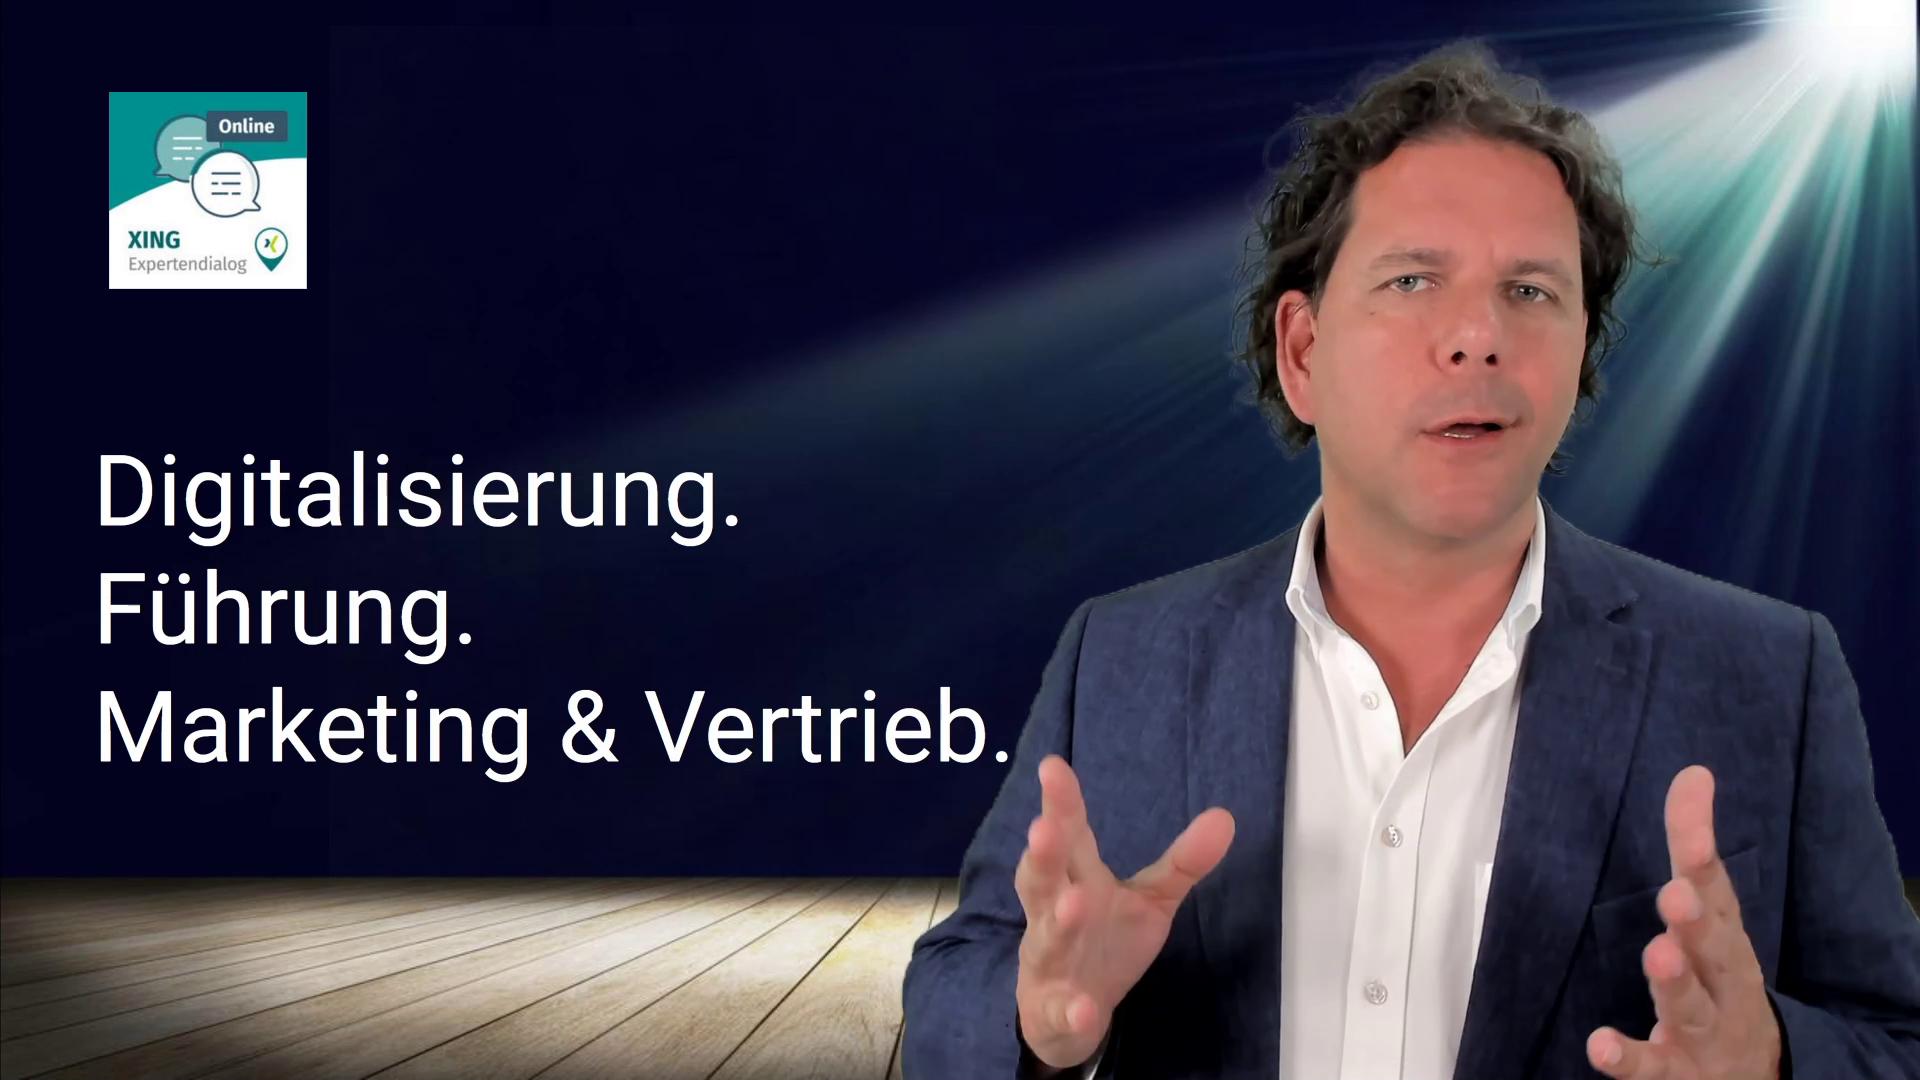 Veranstaltungsmoderation online: Steffen Grützki beim XING-Expertendialog